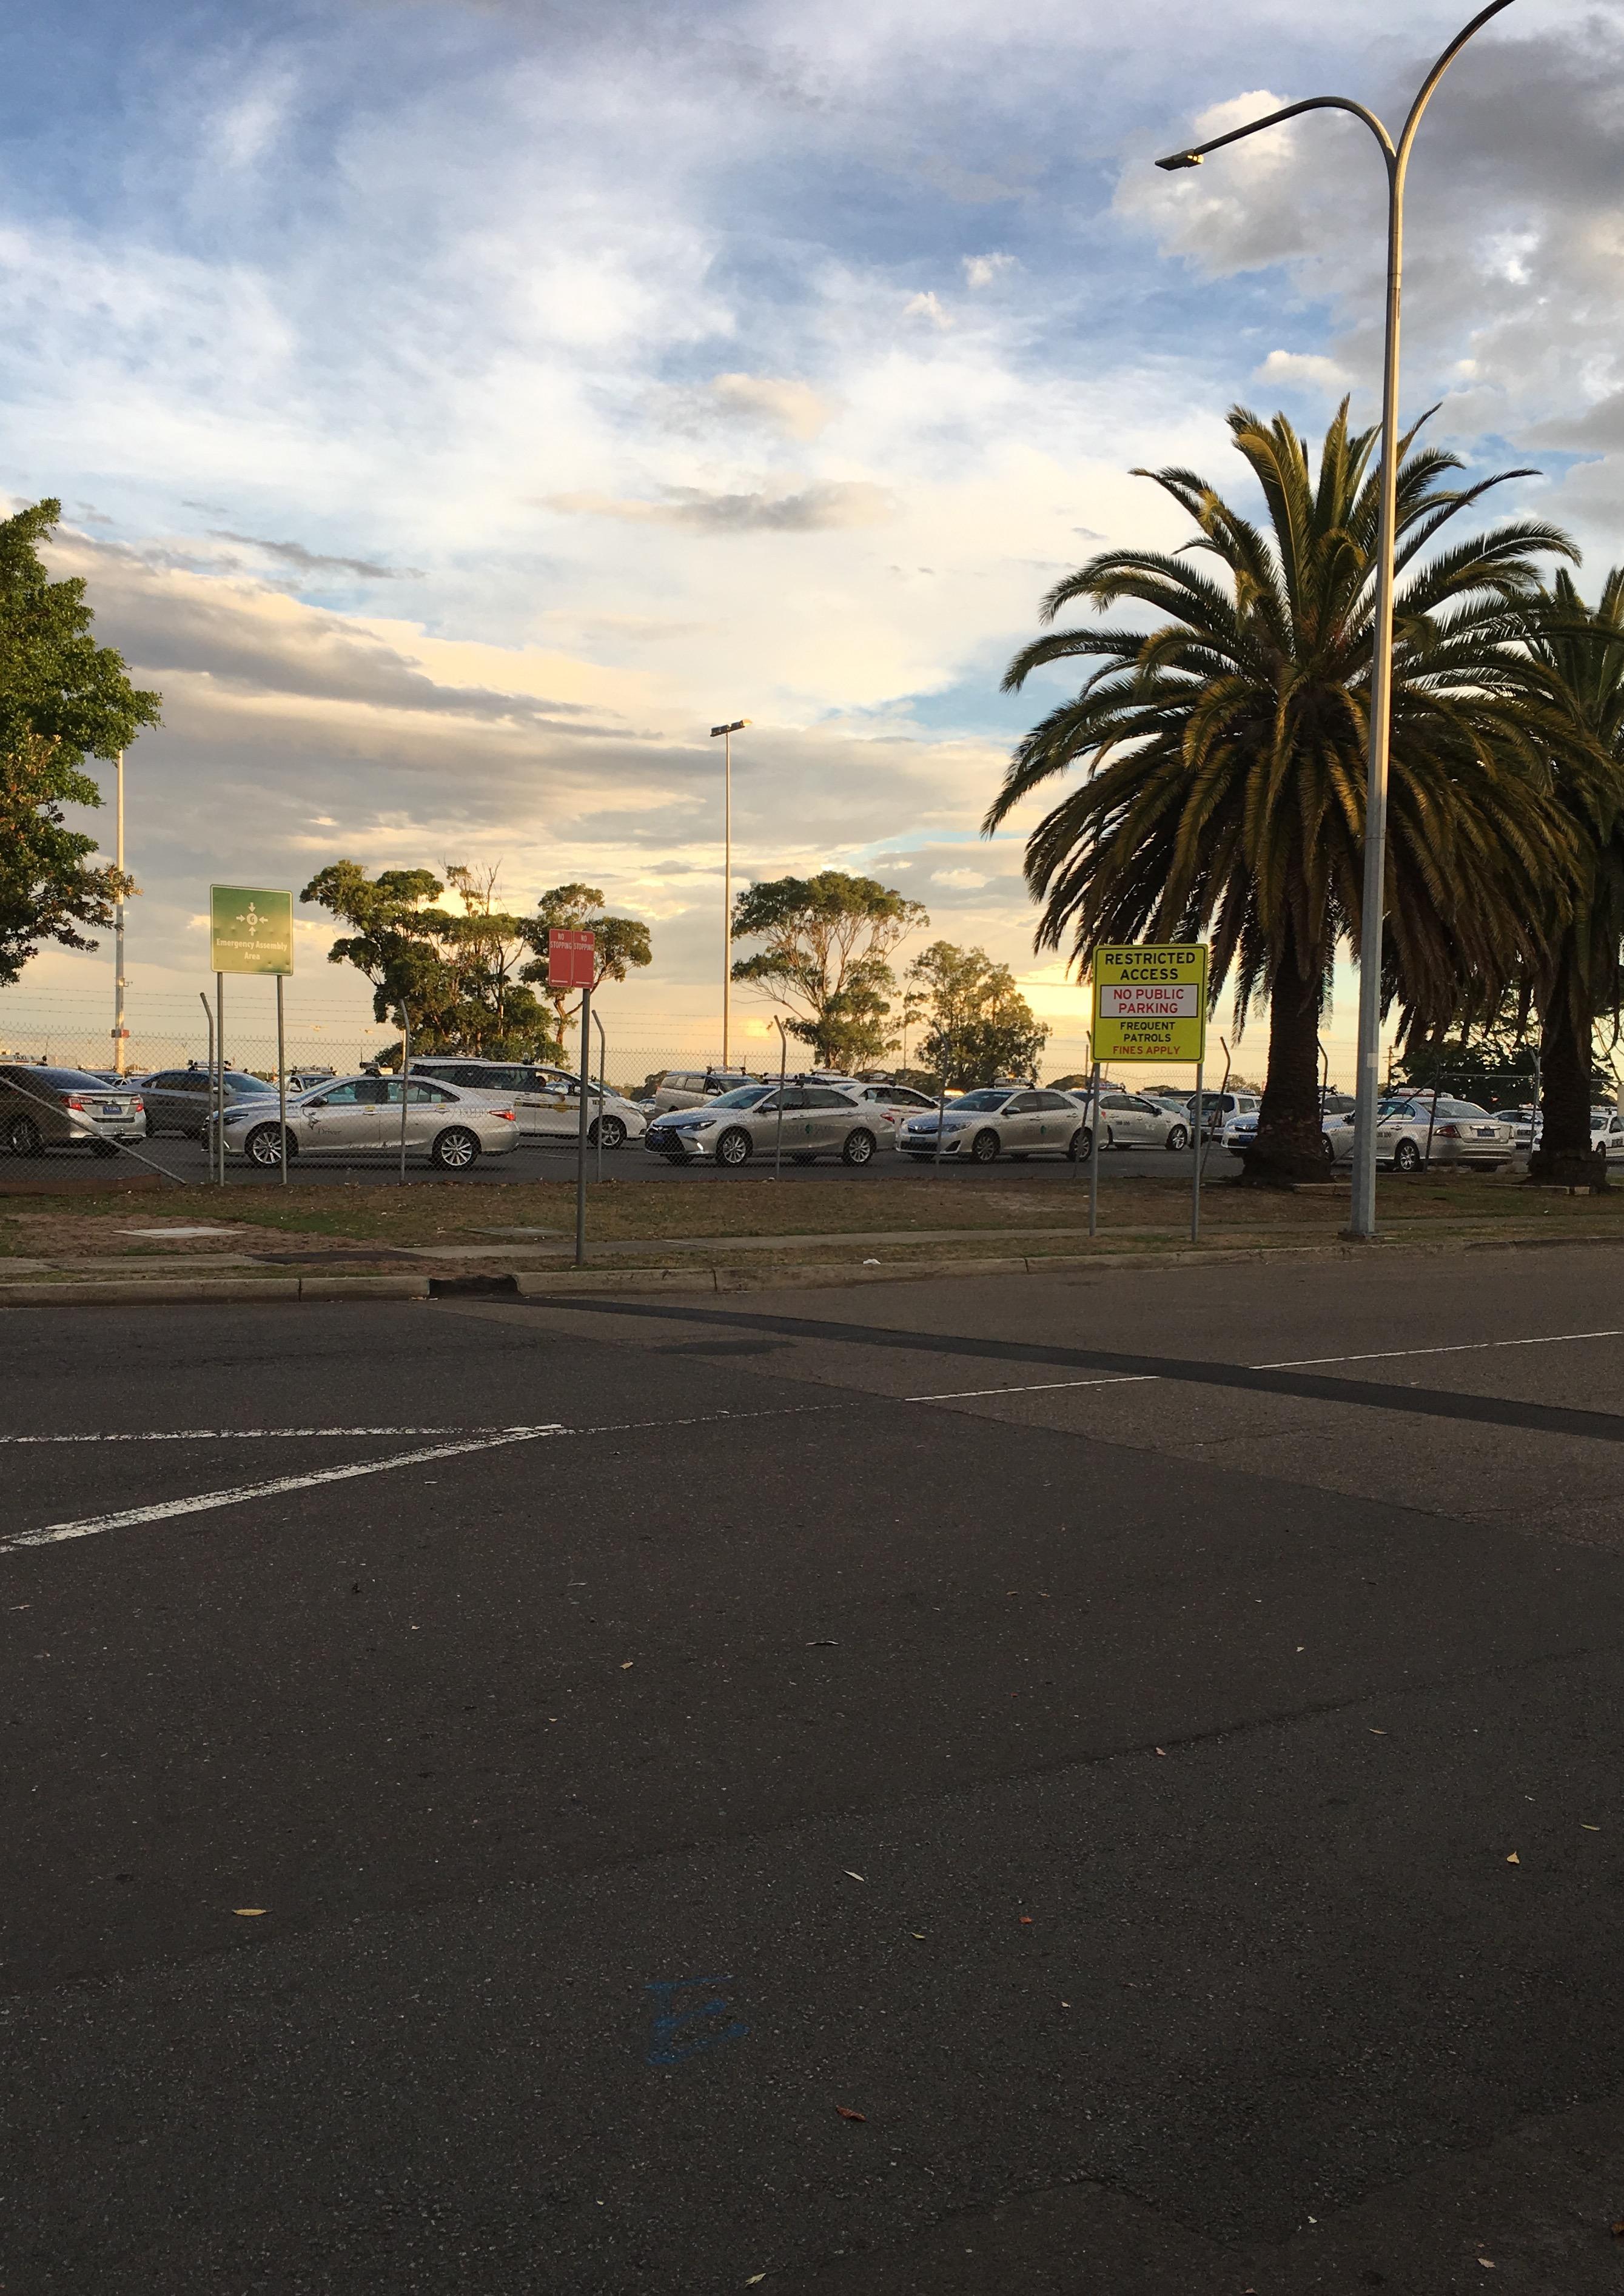 シドニー空港 駐車場